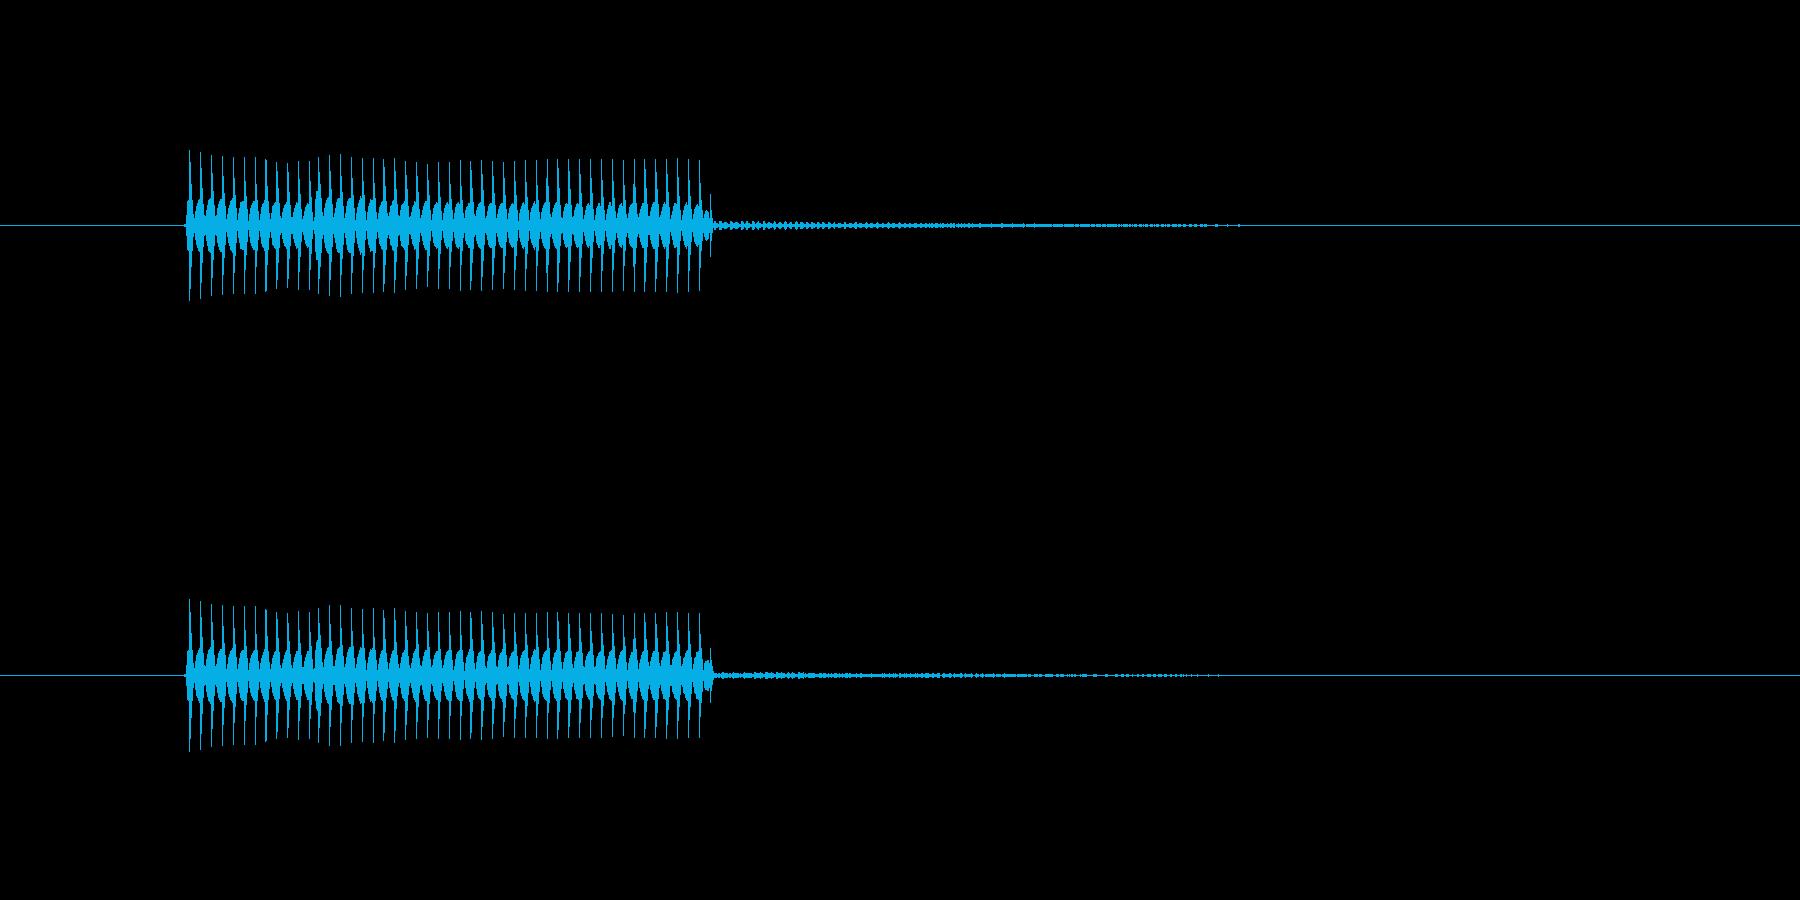 クイズ不正解音(ブブー)2の再生済みの波形